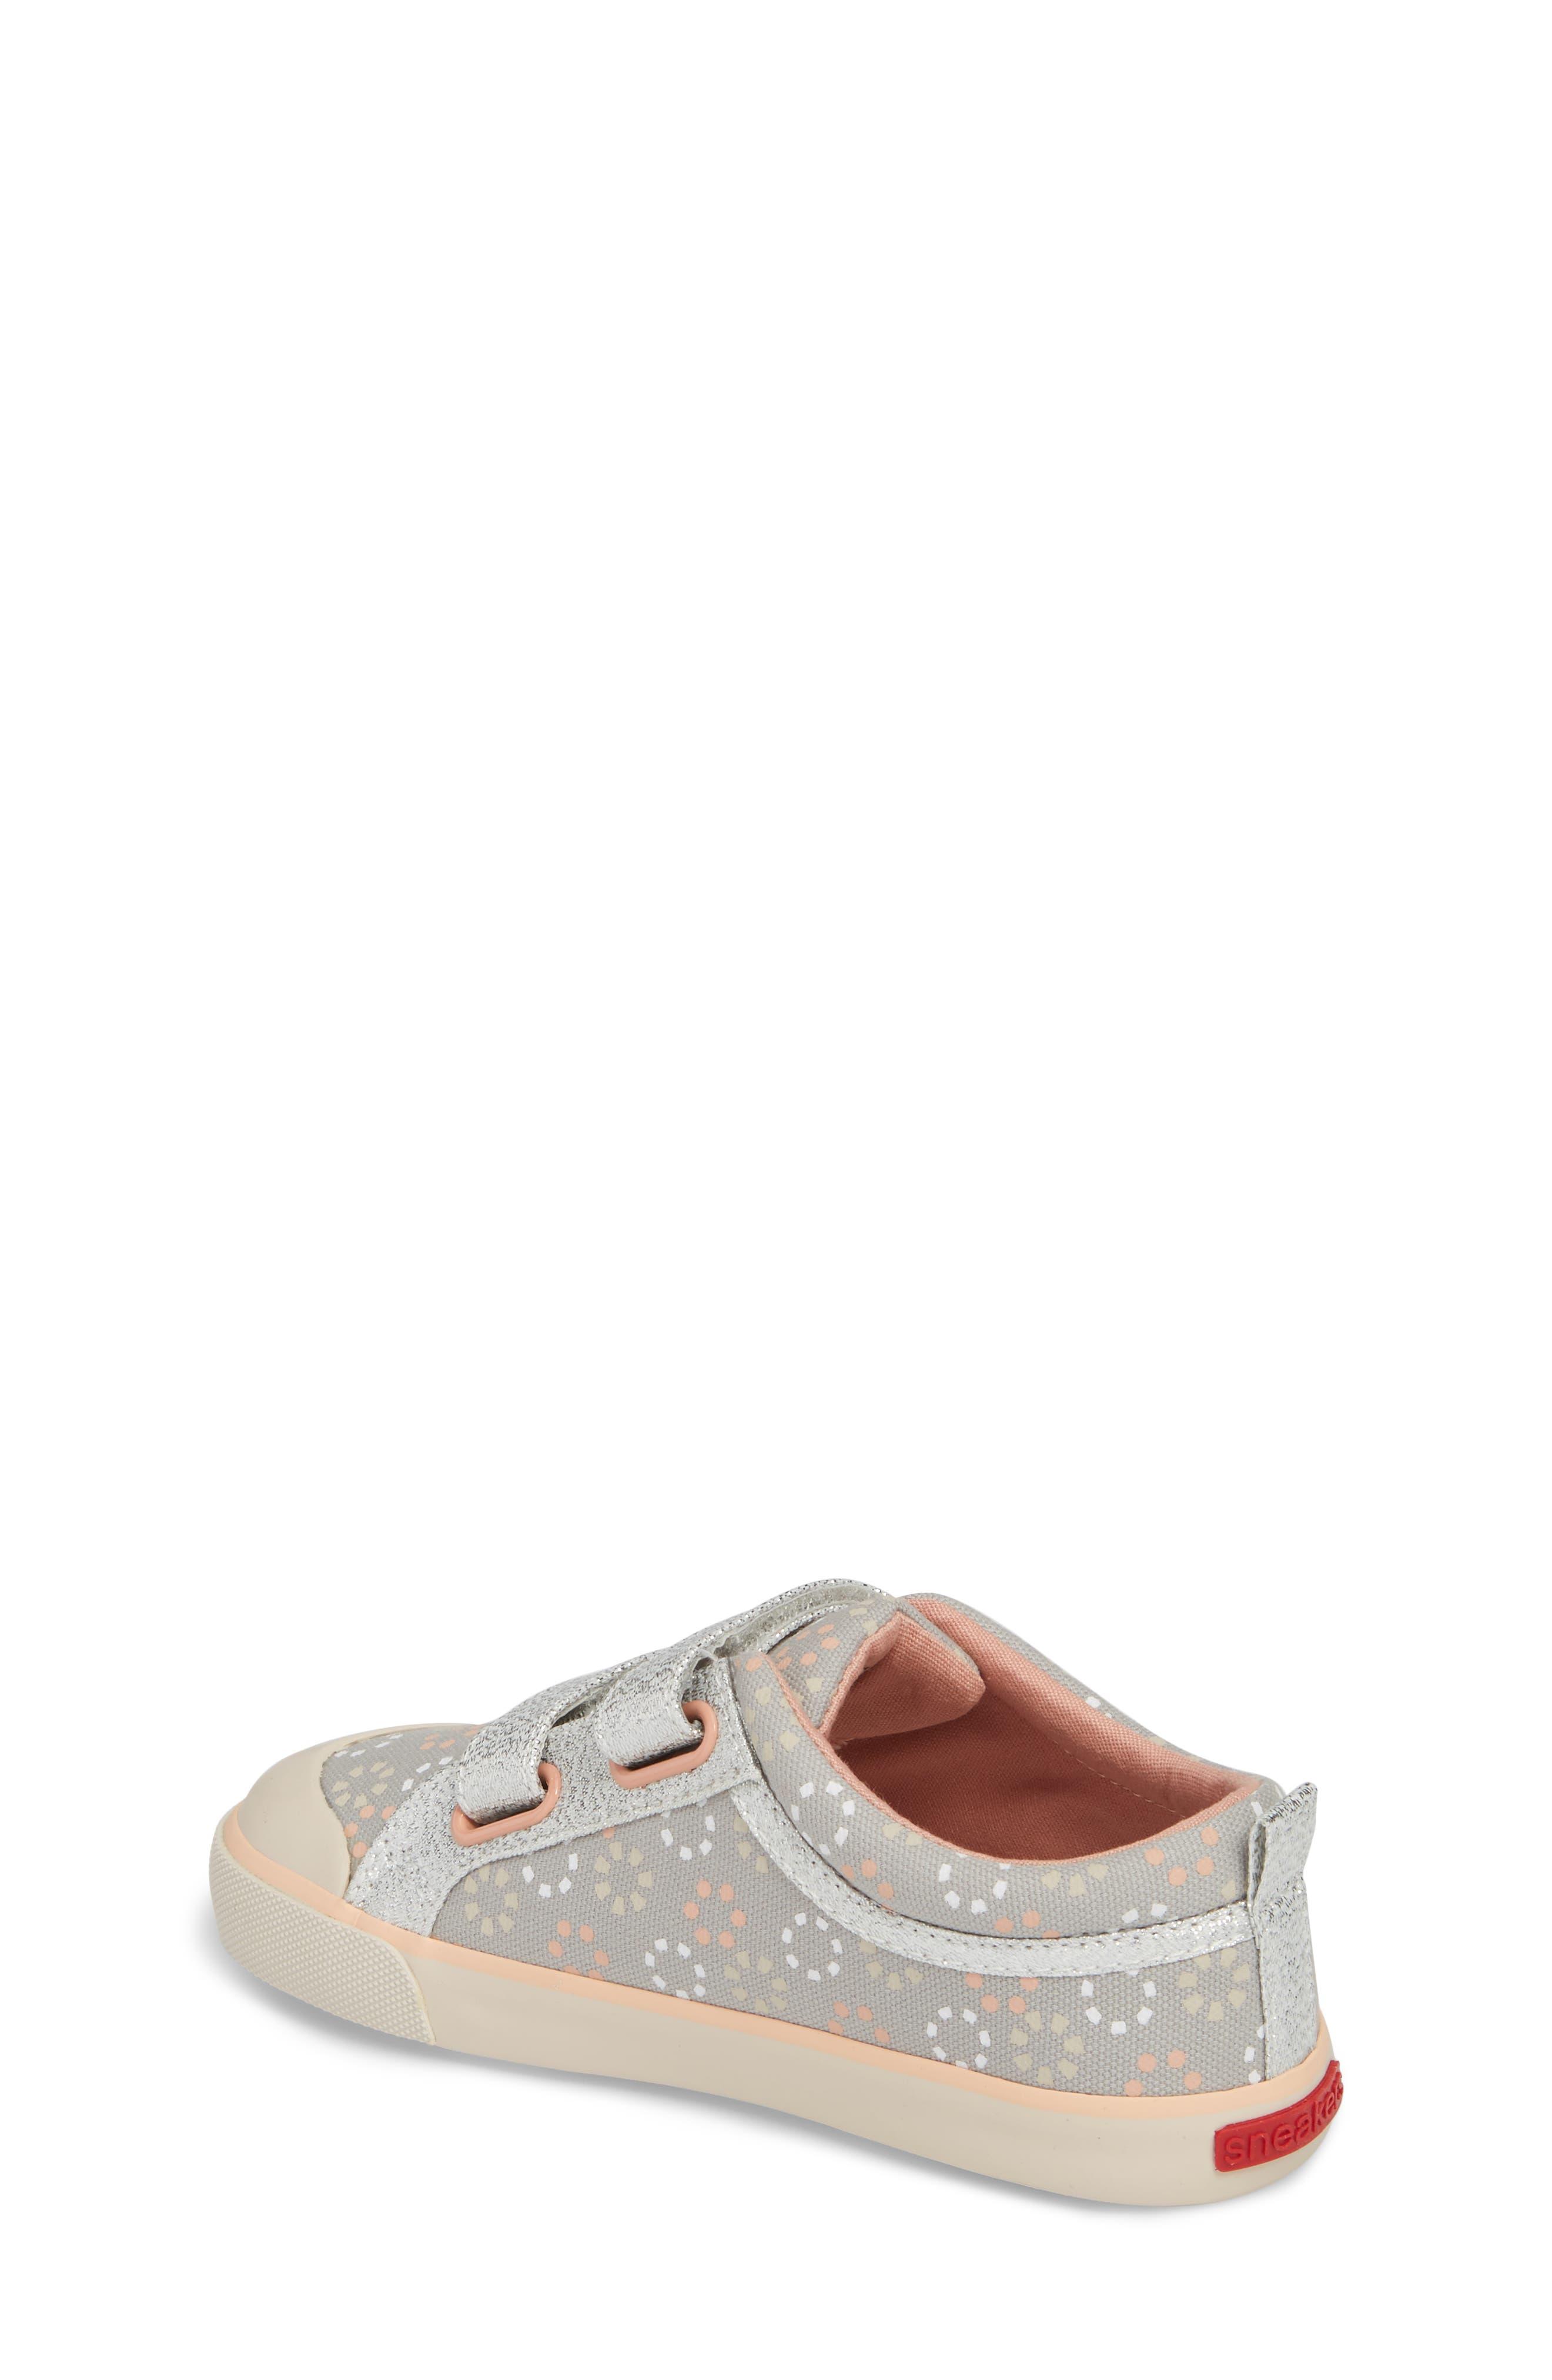 'Robyne' Sneaker,                             Alternate thumbnail 2, color,                             021